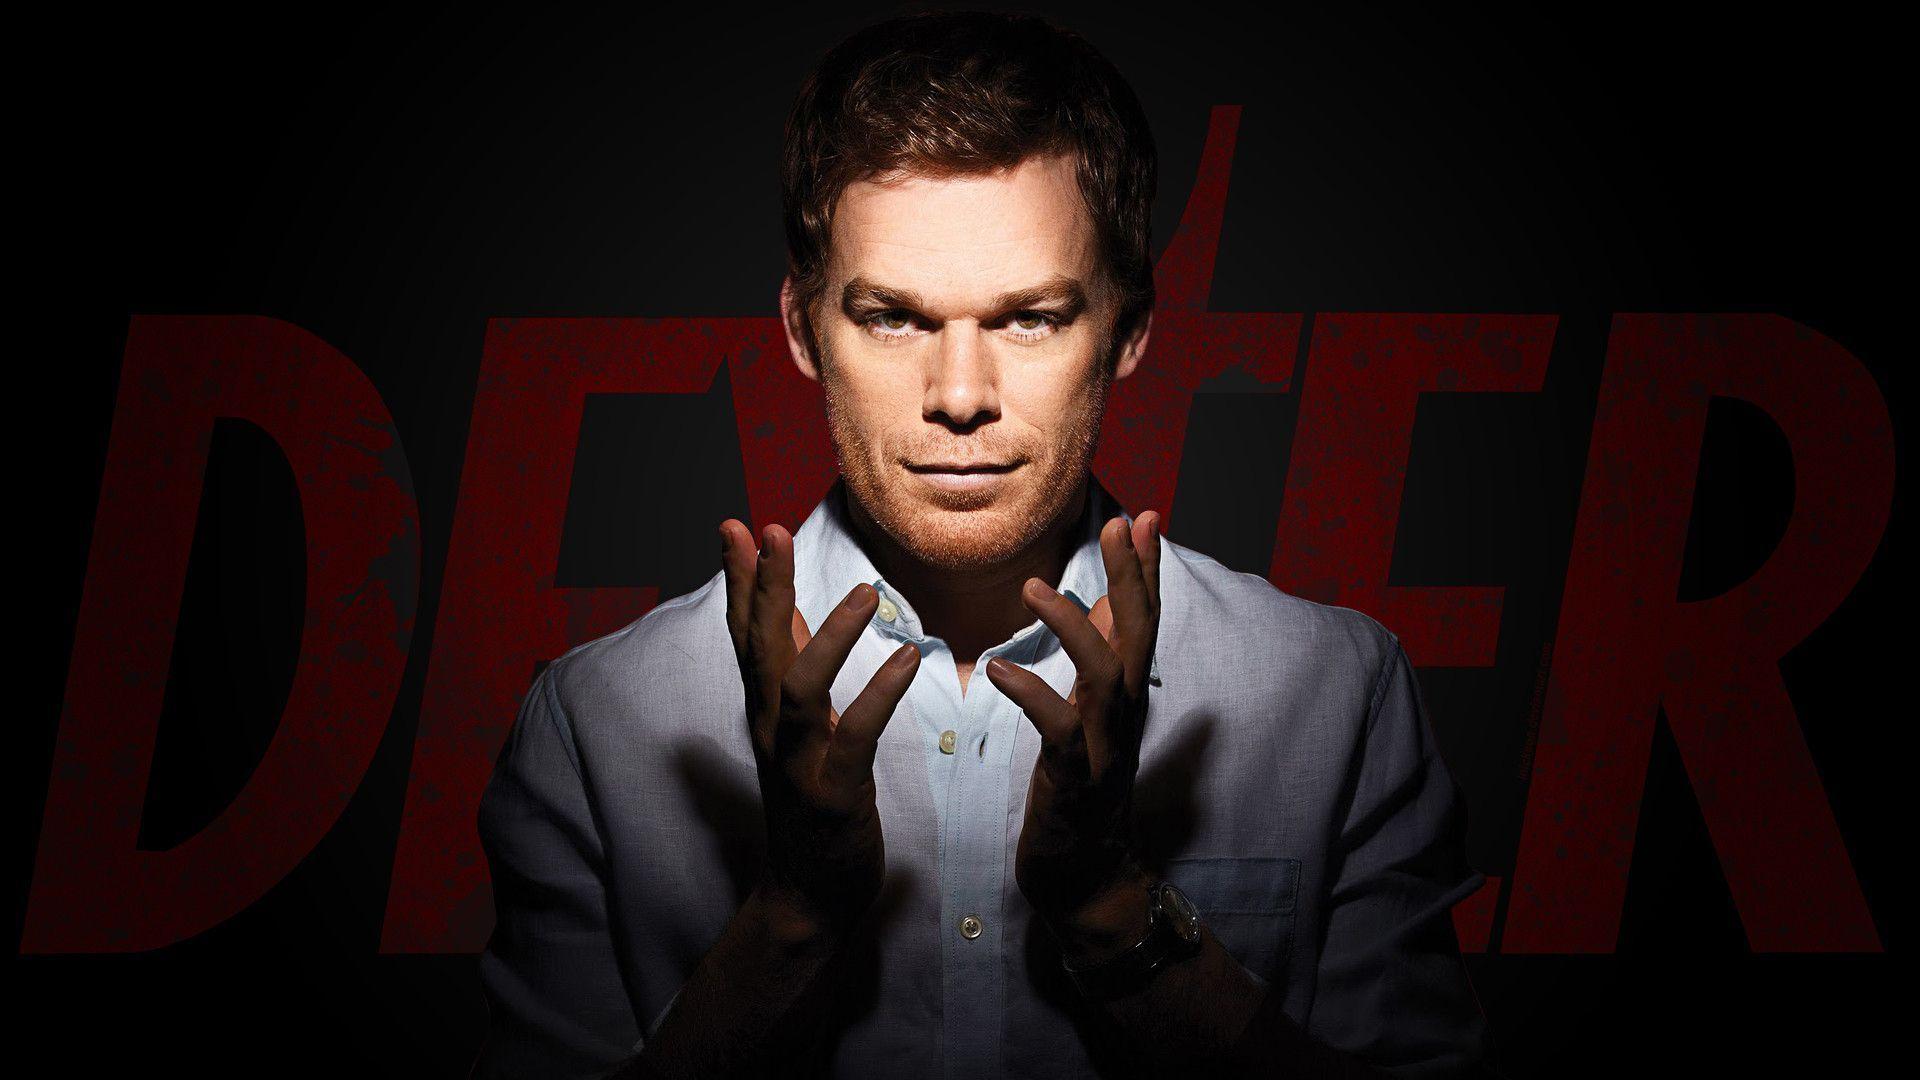 Dexter Season 8 Wallpaper Hd 2 By Inickeon On Deviantart Dexter Morgan Assassinos Em Serie Dexter